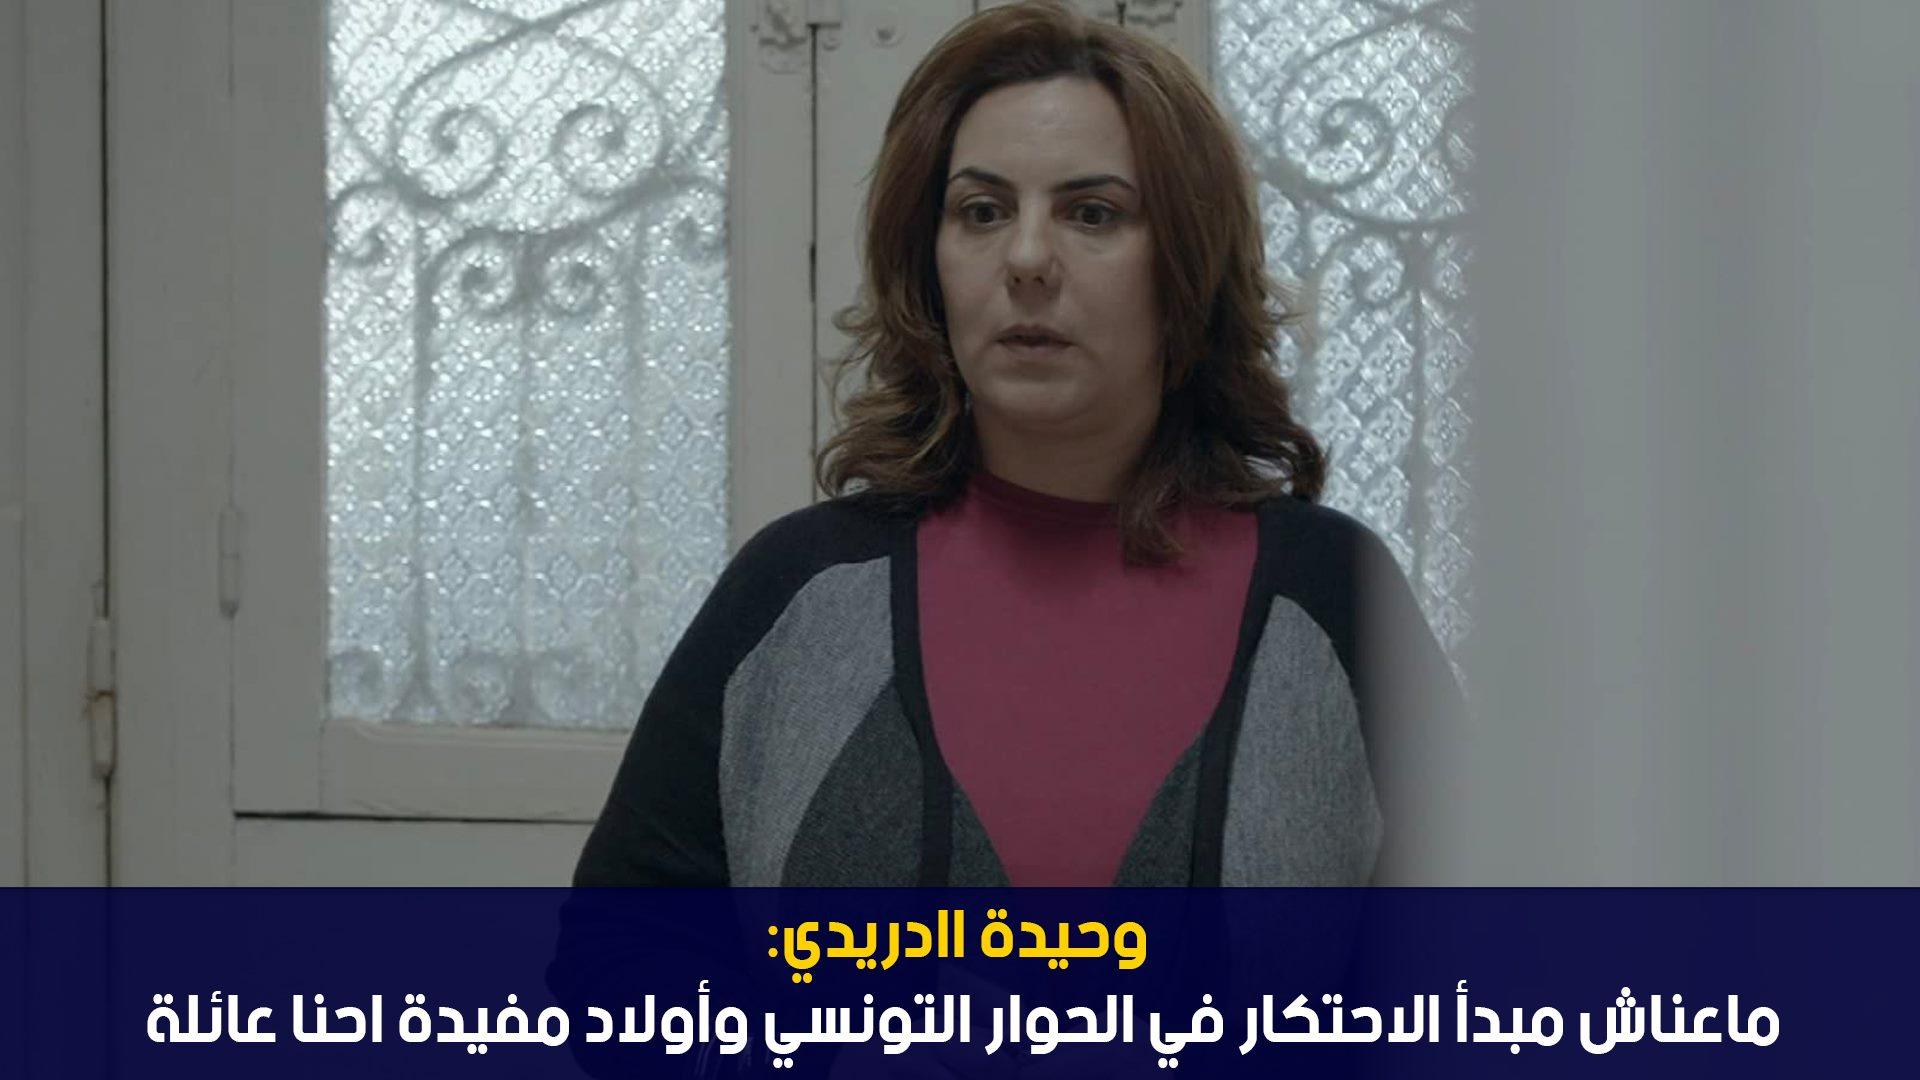 وحيدة الدريدي:ماعناش مبدأ الاحتكار في الحوار التونسي وأولاد مفيدة احنا عائلة